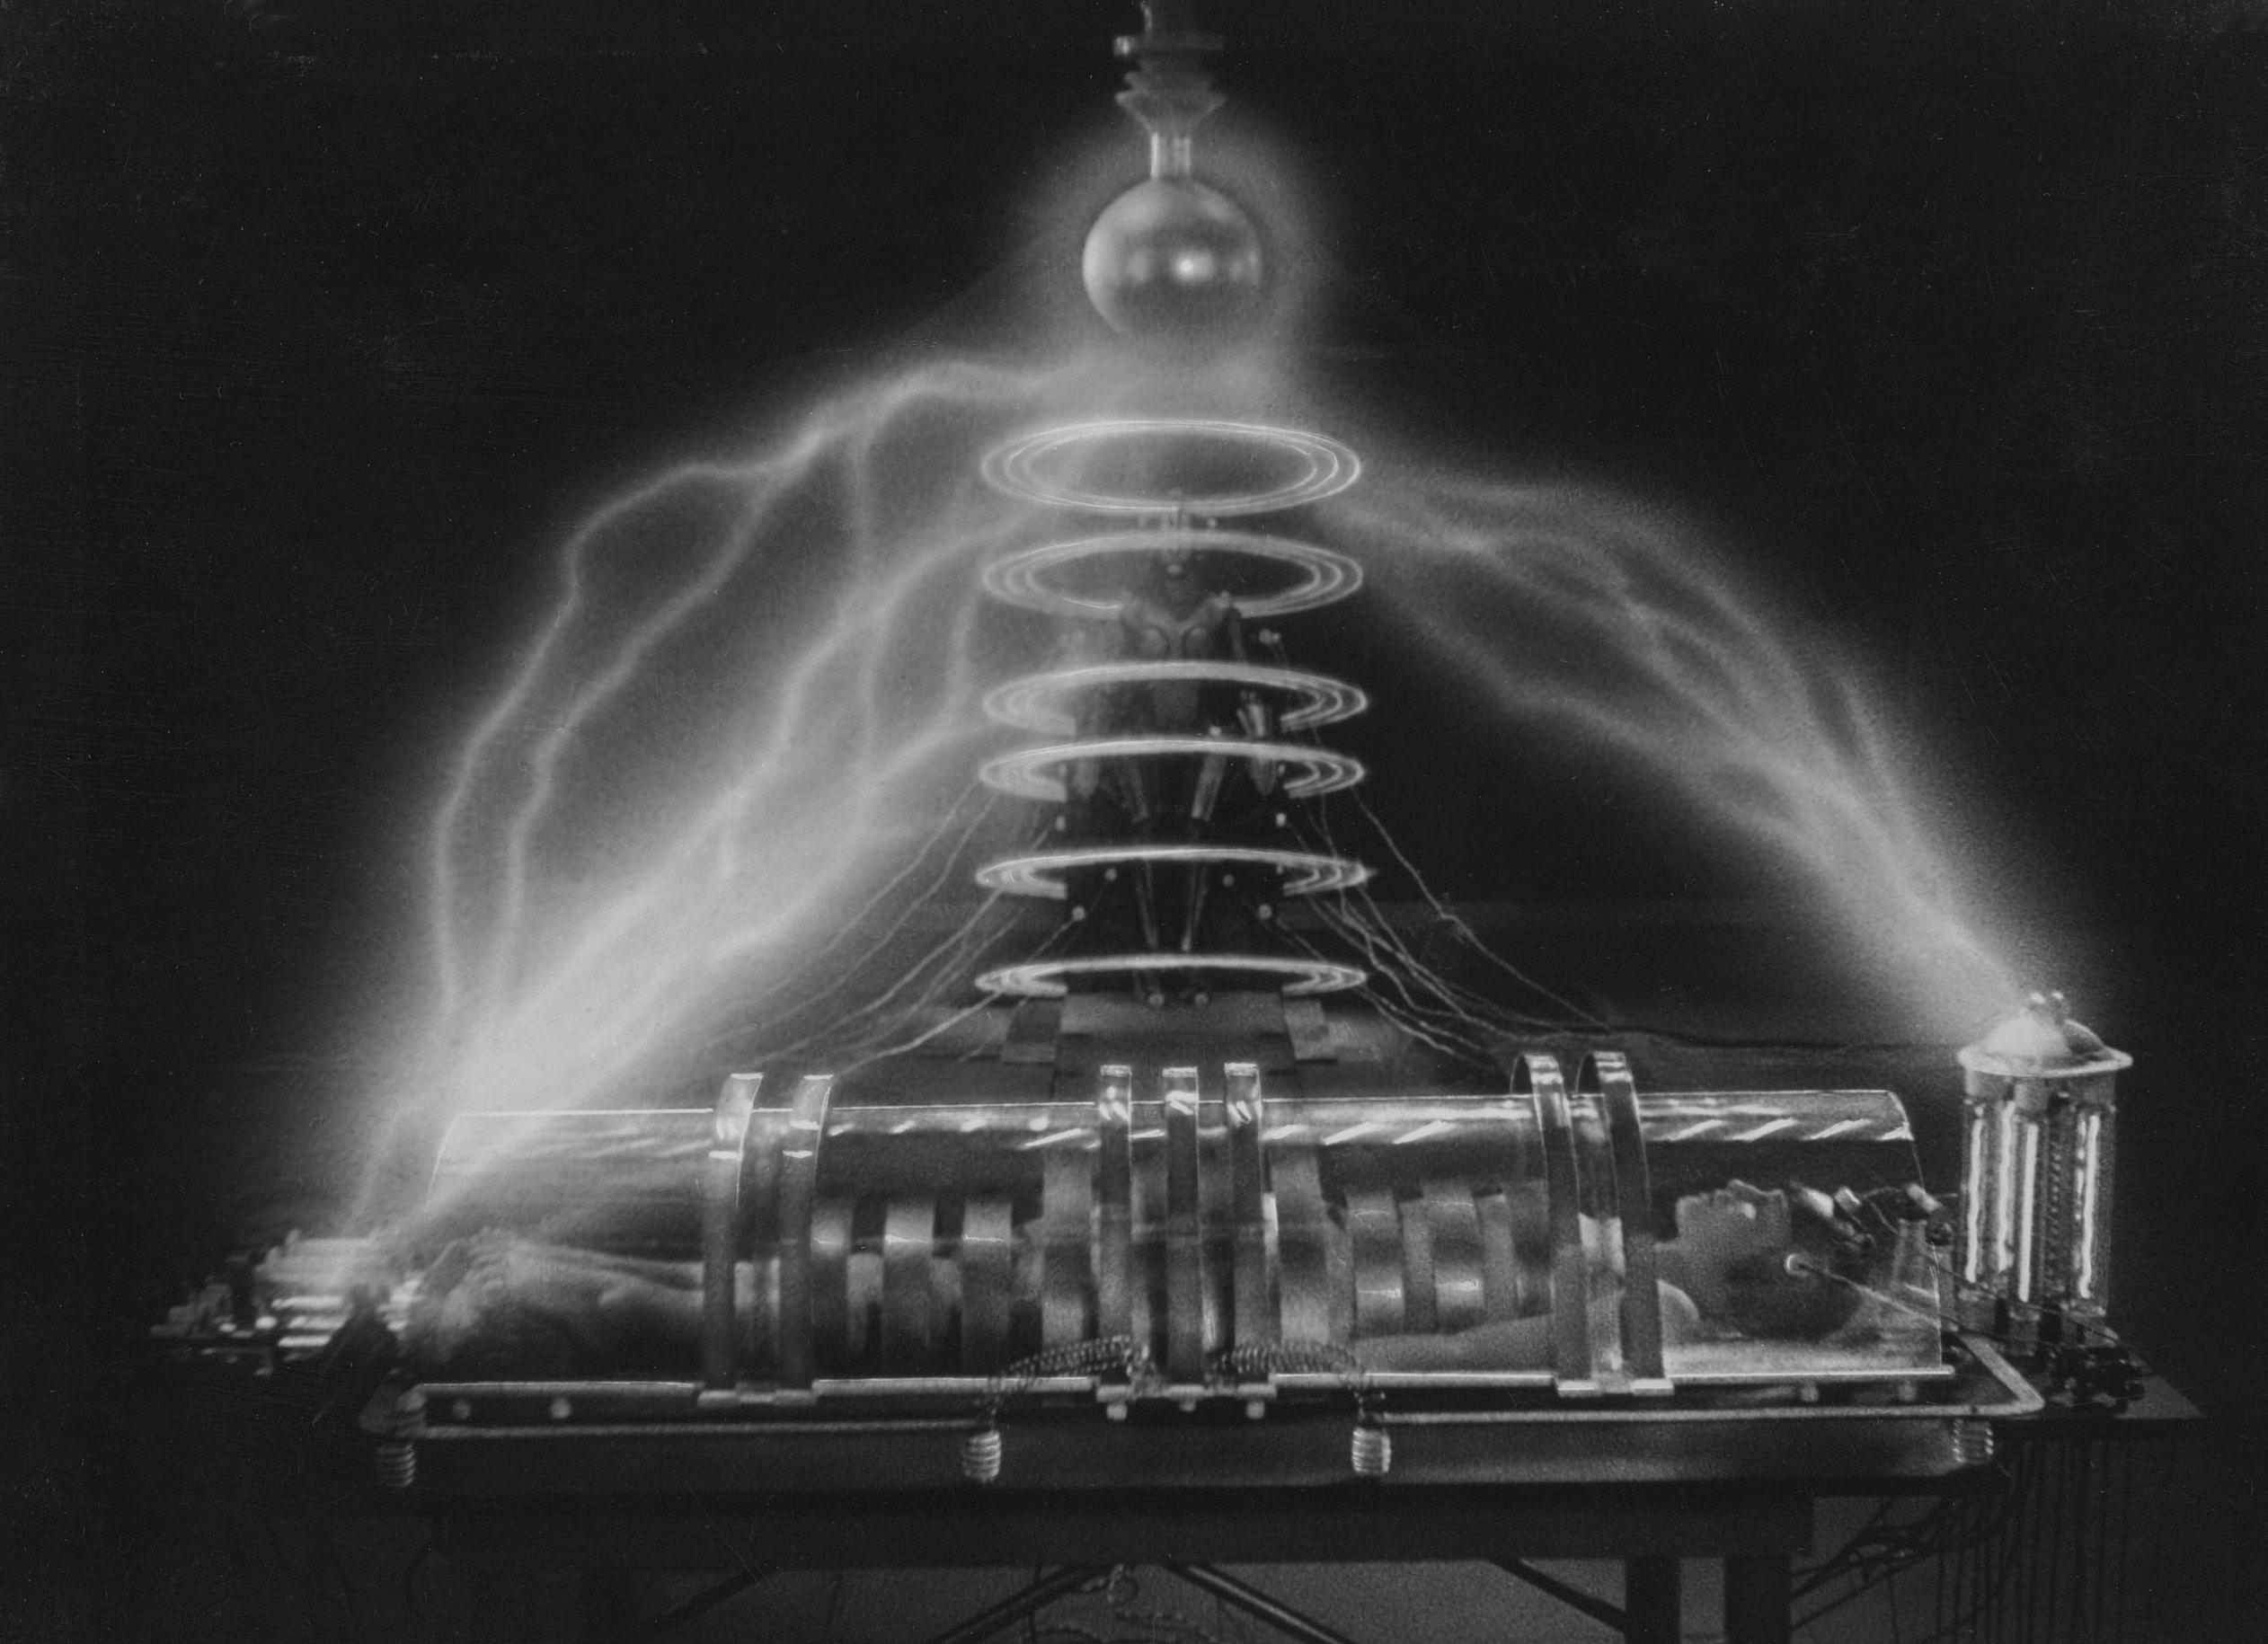 Szenenfoto aus dem Film Metropolis, Deutschland 1927 von Fritz Lang